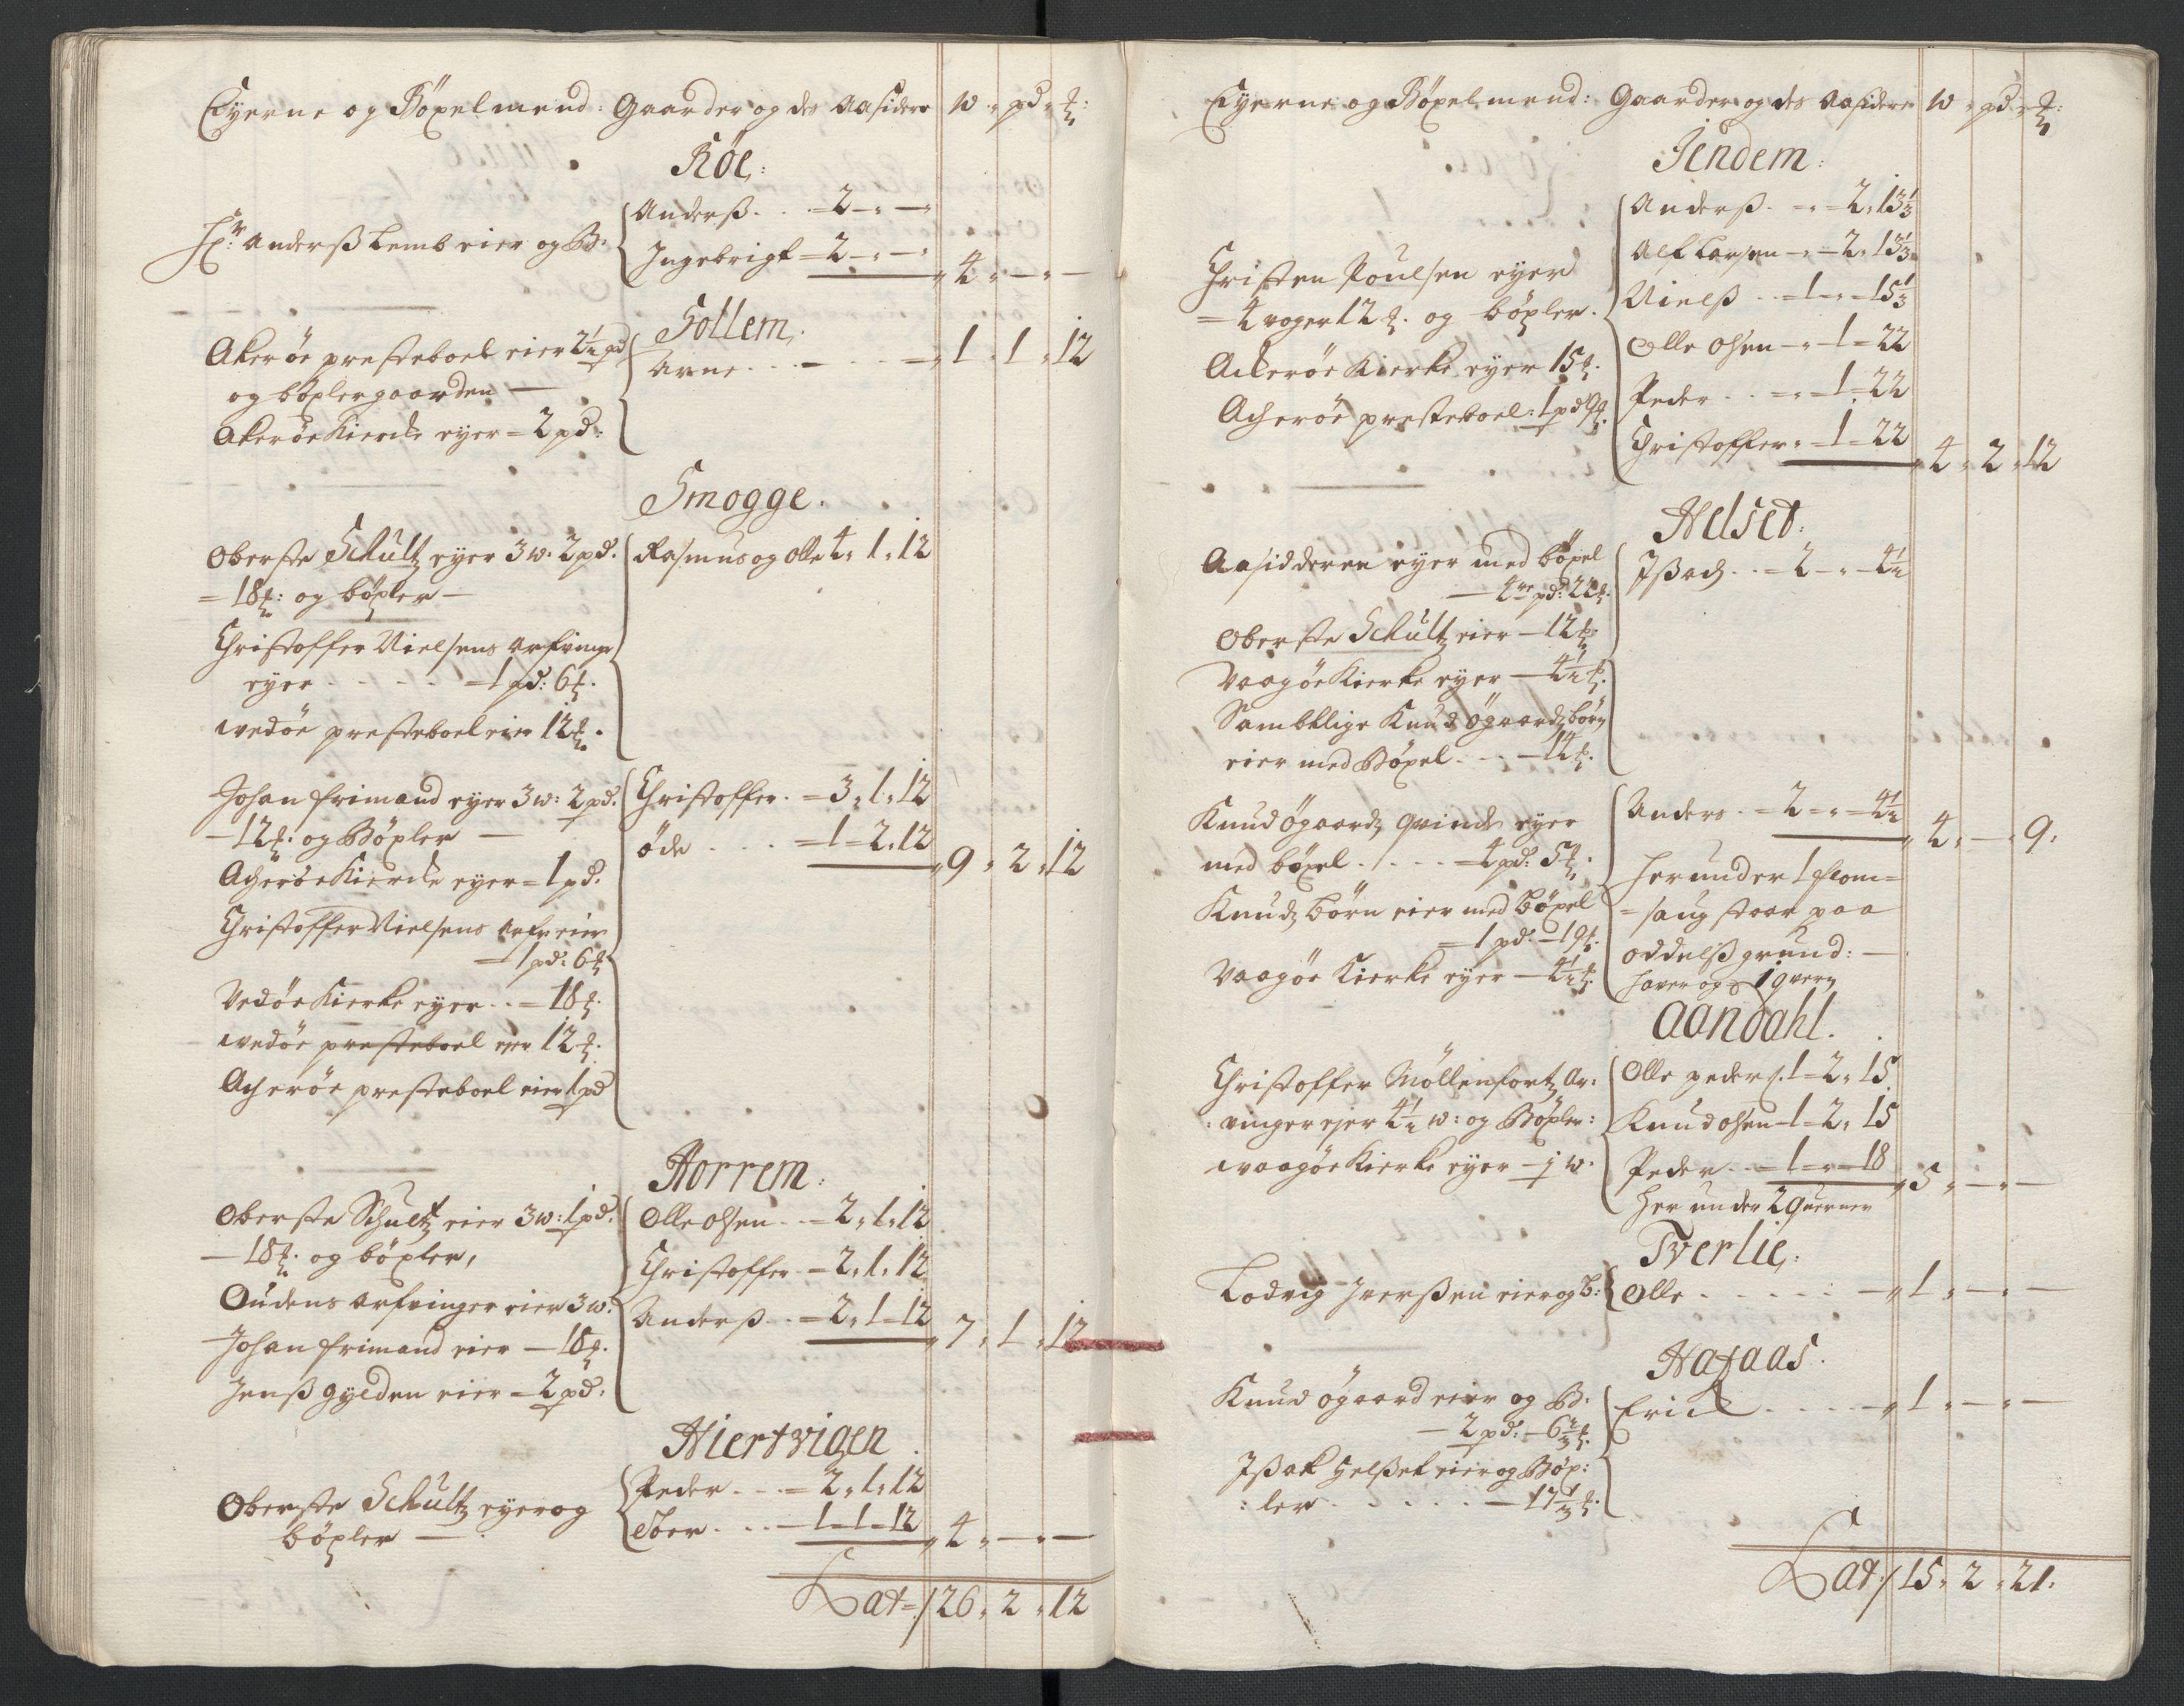 RA, Rentekammeret inntil 1814, Reviderte regnskaper, Fogderegnskap, R55/L3655: Fogderegnskap Romsdal, 1701-1702, s. 54